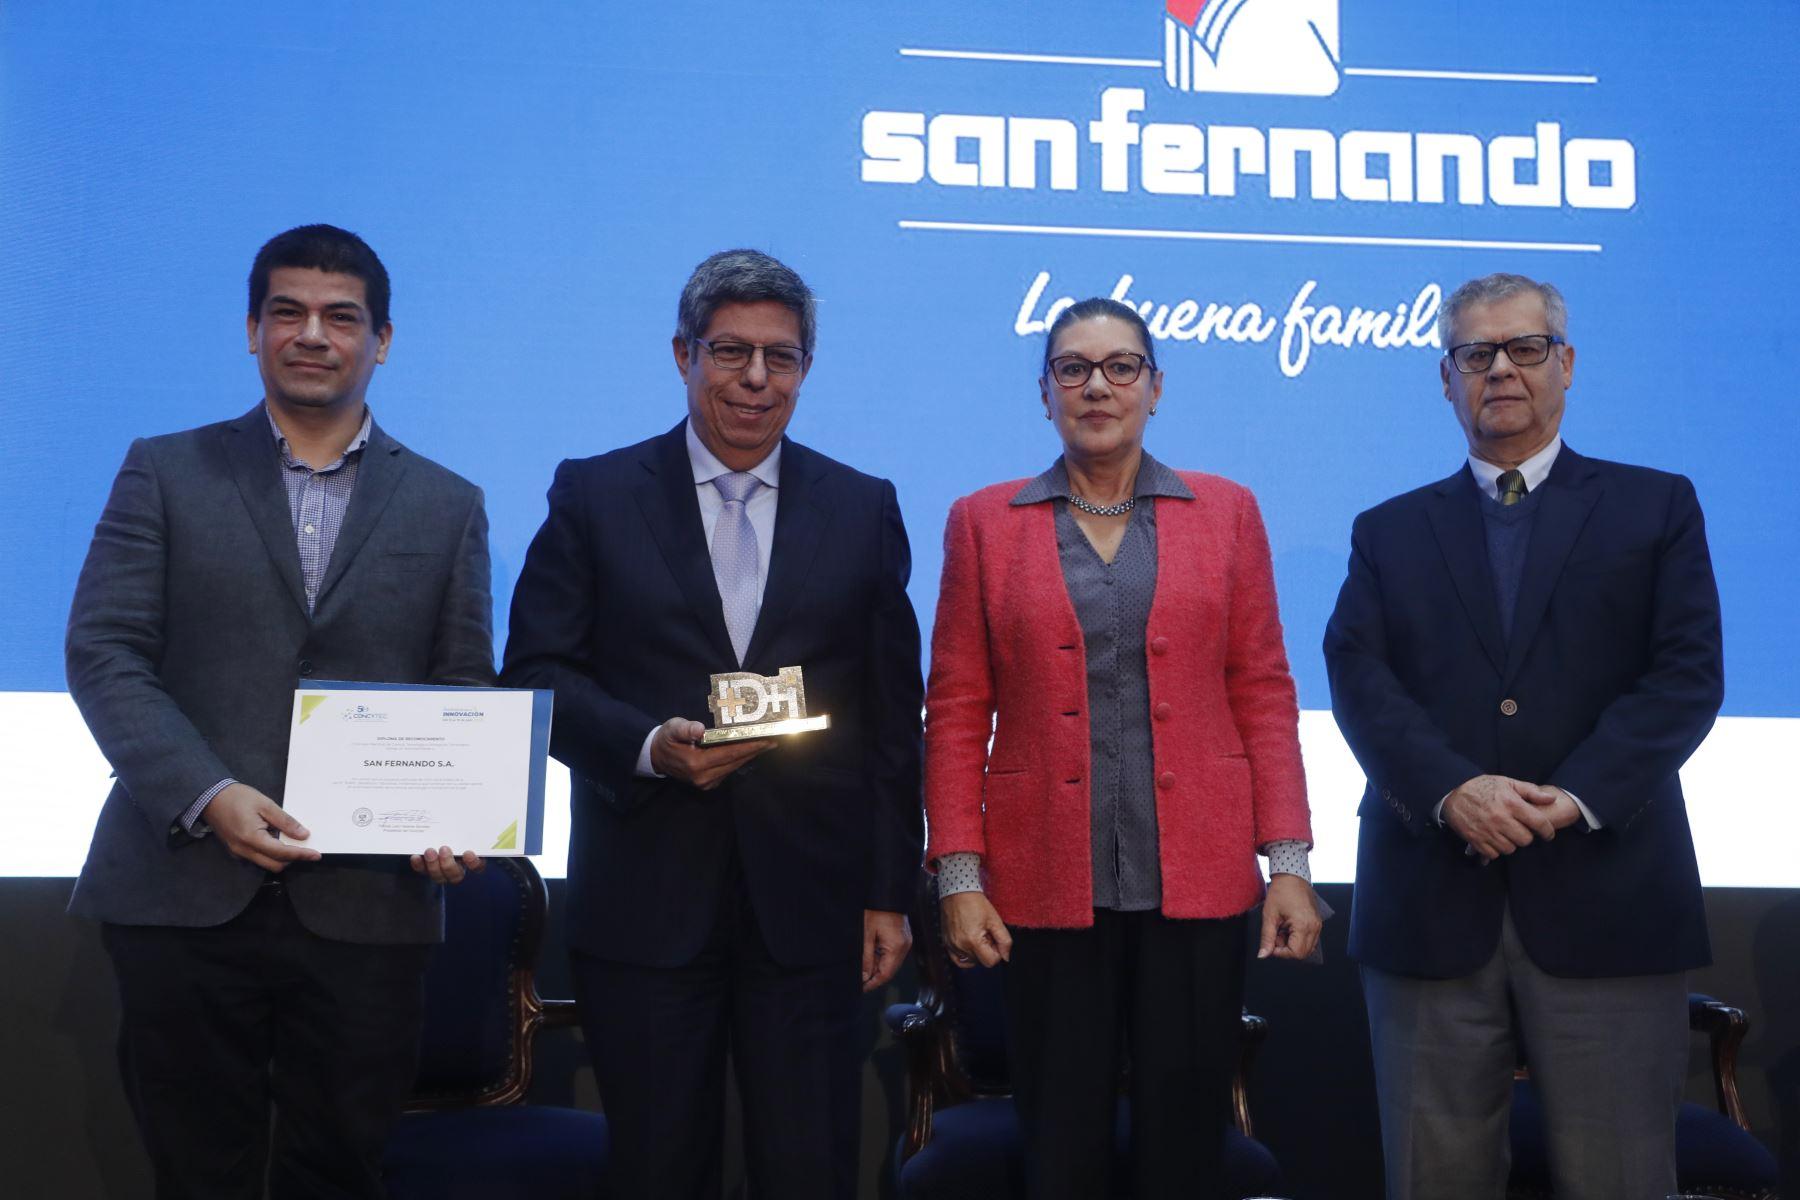 Reconocimiento a la empresa San Fernando, en la Semana Nacional de la Innovación. Foto: ANDINA/Josue Ramos